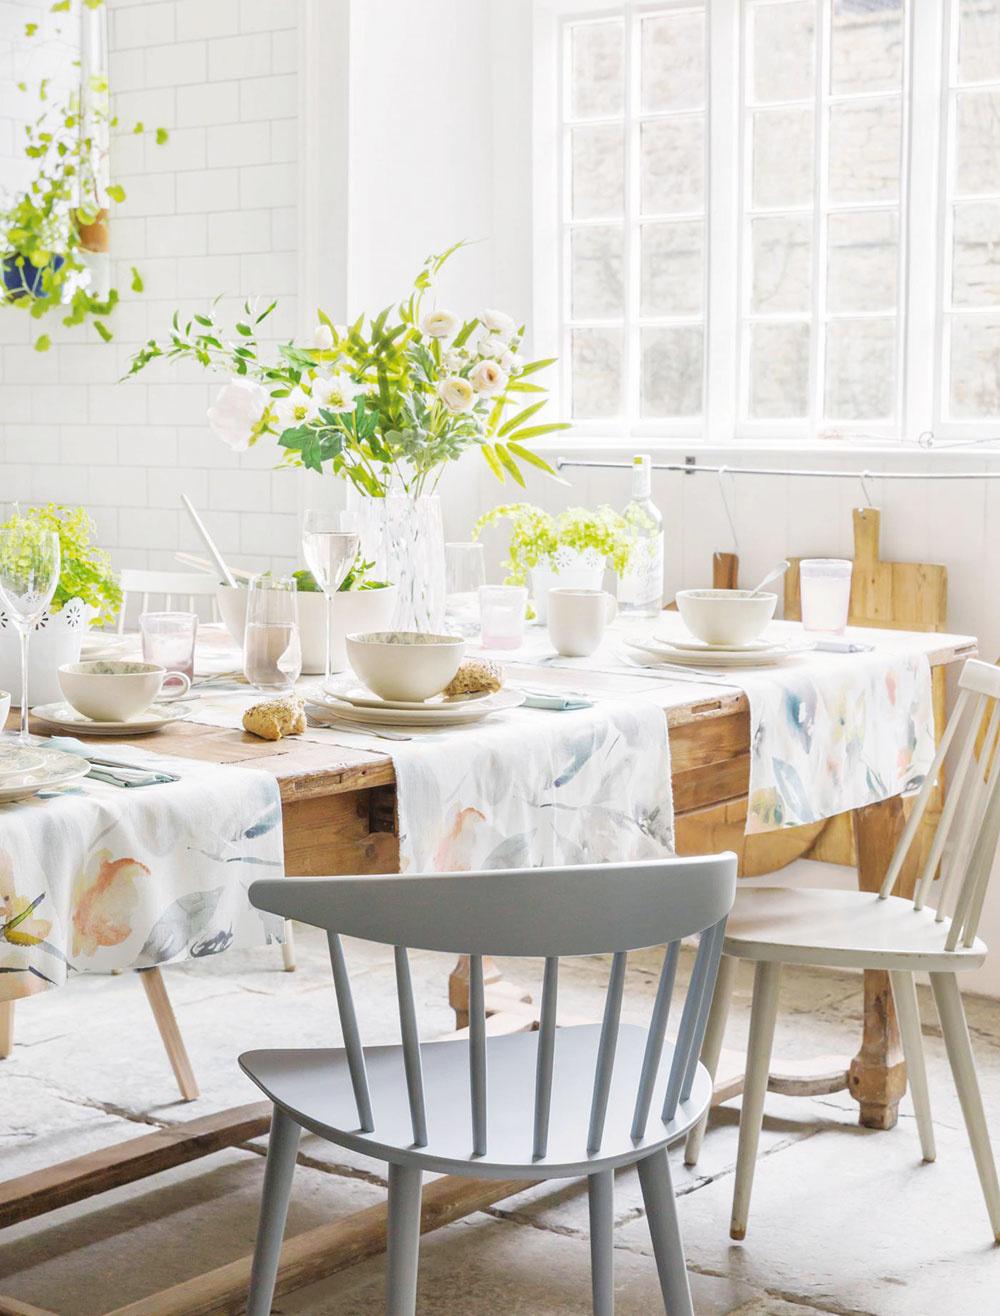 ROZKVITNUTÝ STôL. Pokojne vymeňte veľký obrus za niekoľko menších. Ak použijete potlač vjemnej pastelovej farbe, výsledný efekt bude čarovný. Samozrejme, nezabudnite na kvetinový aranžmán.